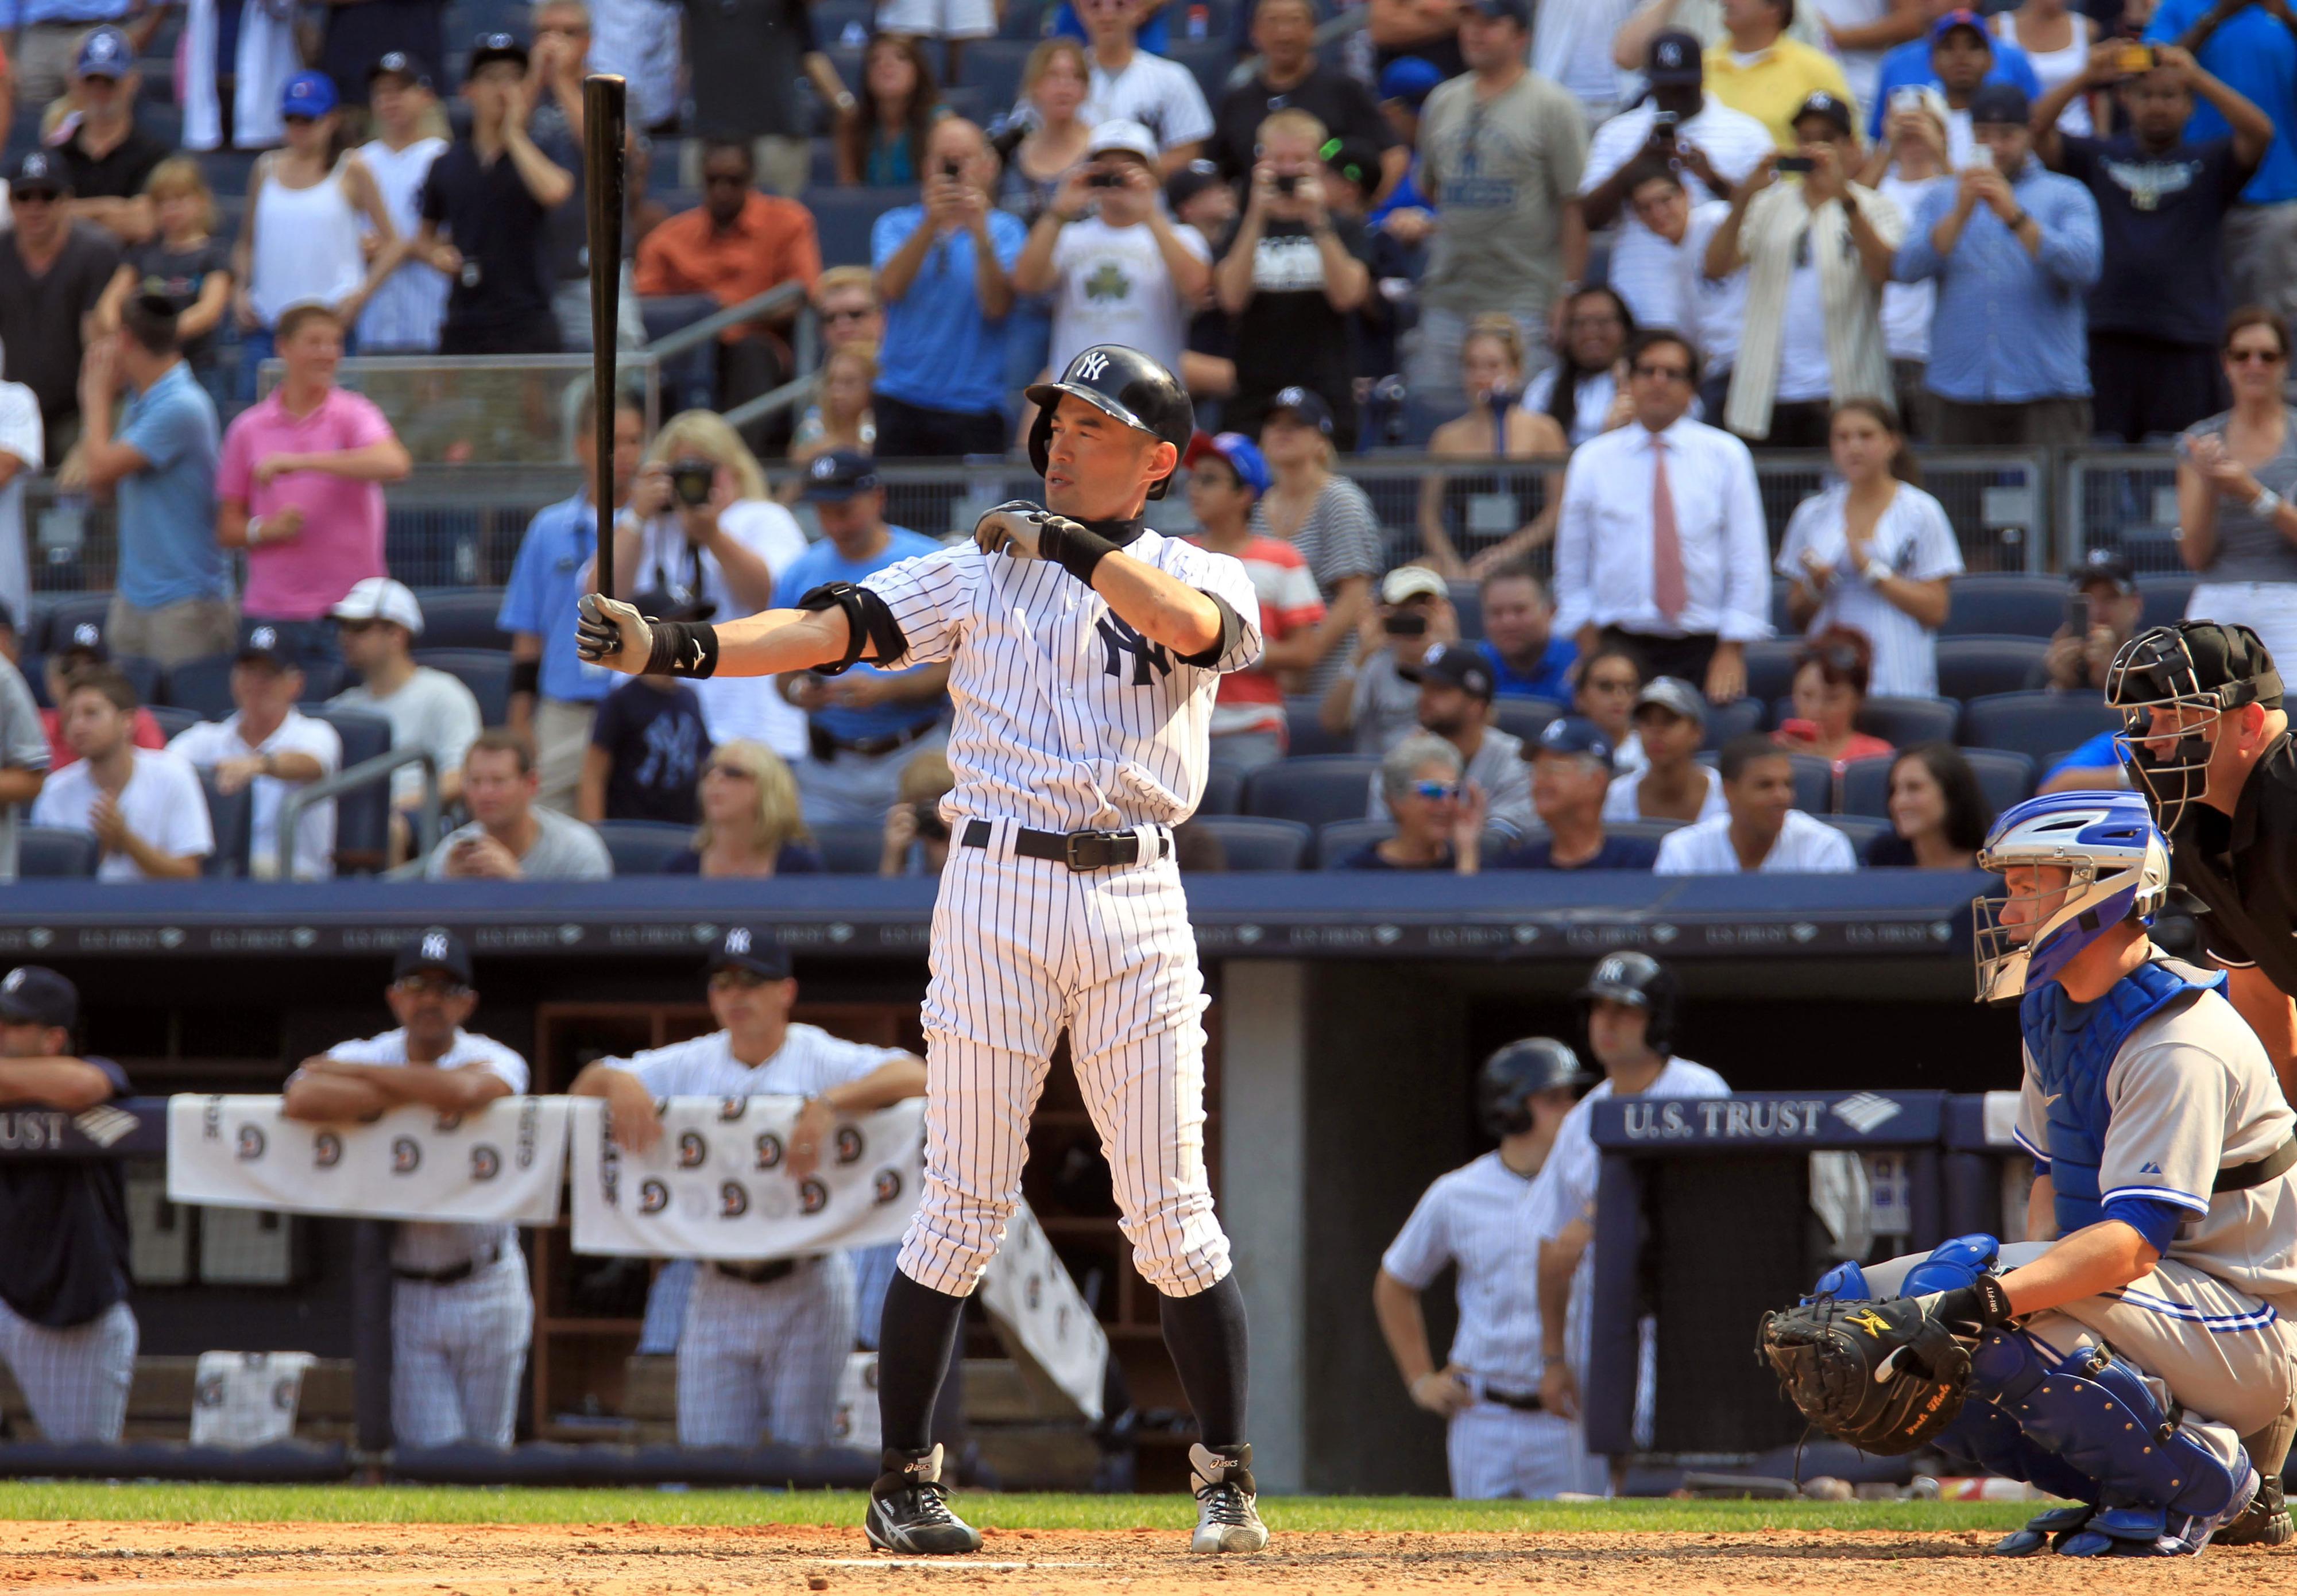 Ichiro records hit No. 4,000 in Japan and U.S.